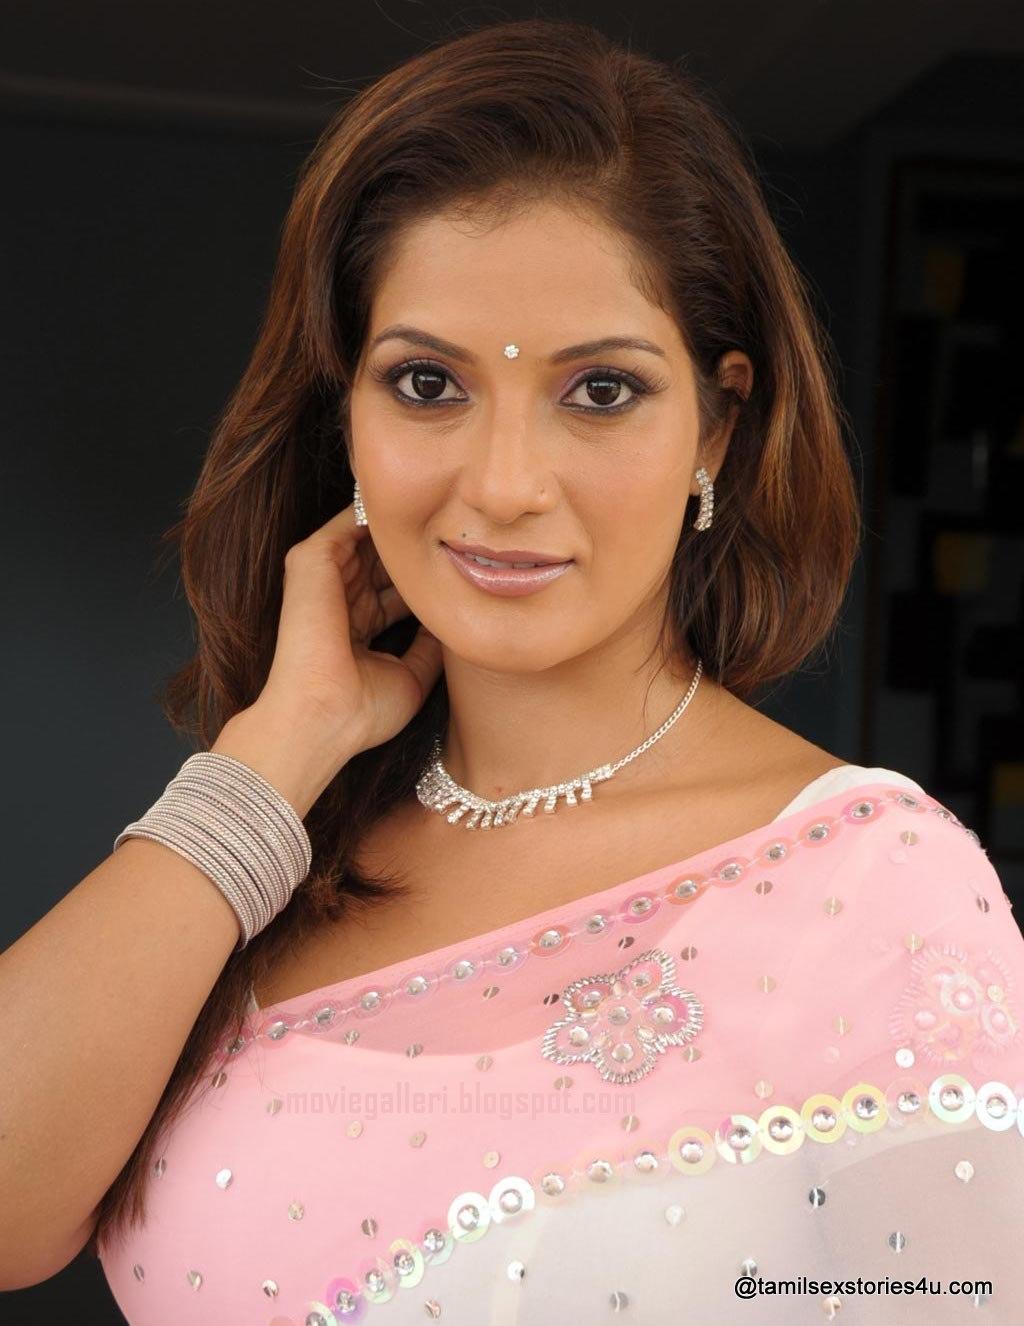 http://1.bp.blogspot.com/_tsm8aXWY6iA/TAehlUJipAI/AAAAAAAANcA/UCFf2UZI-sQ/s1600/ruthika+in+pink+saree9.jpg